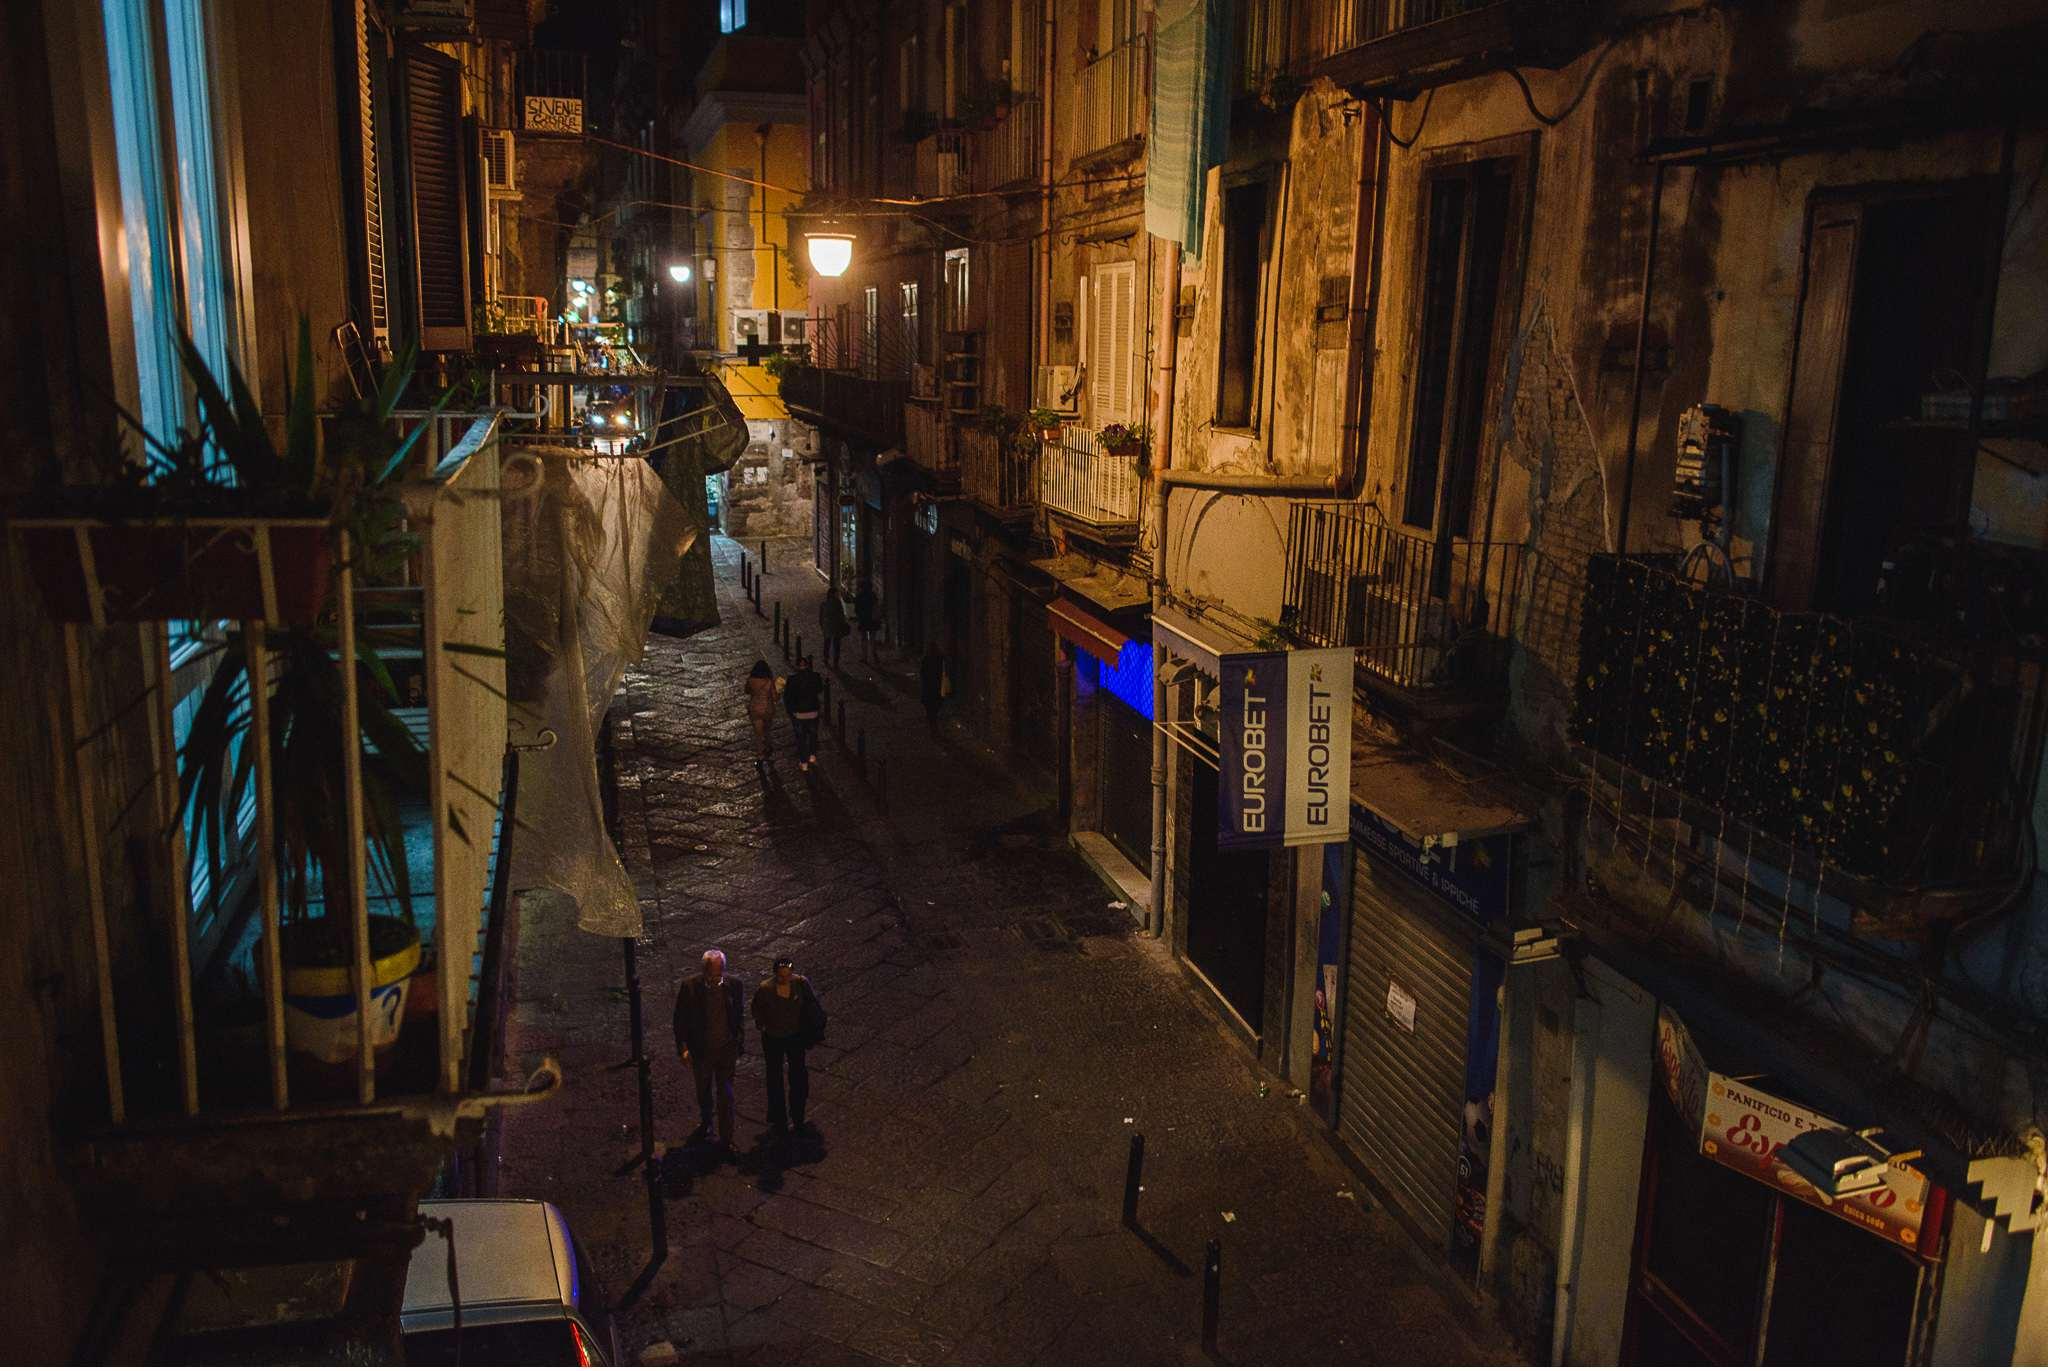 Interrail Reise - Italien Neapel - Geschichten von unterwegs - Foto Daniel Kempf-Seifried-12